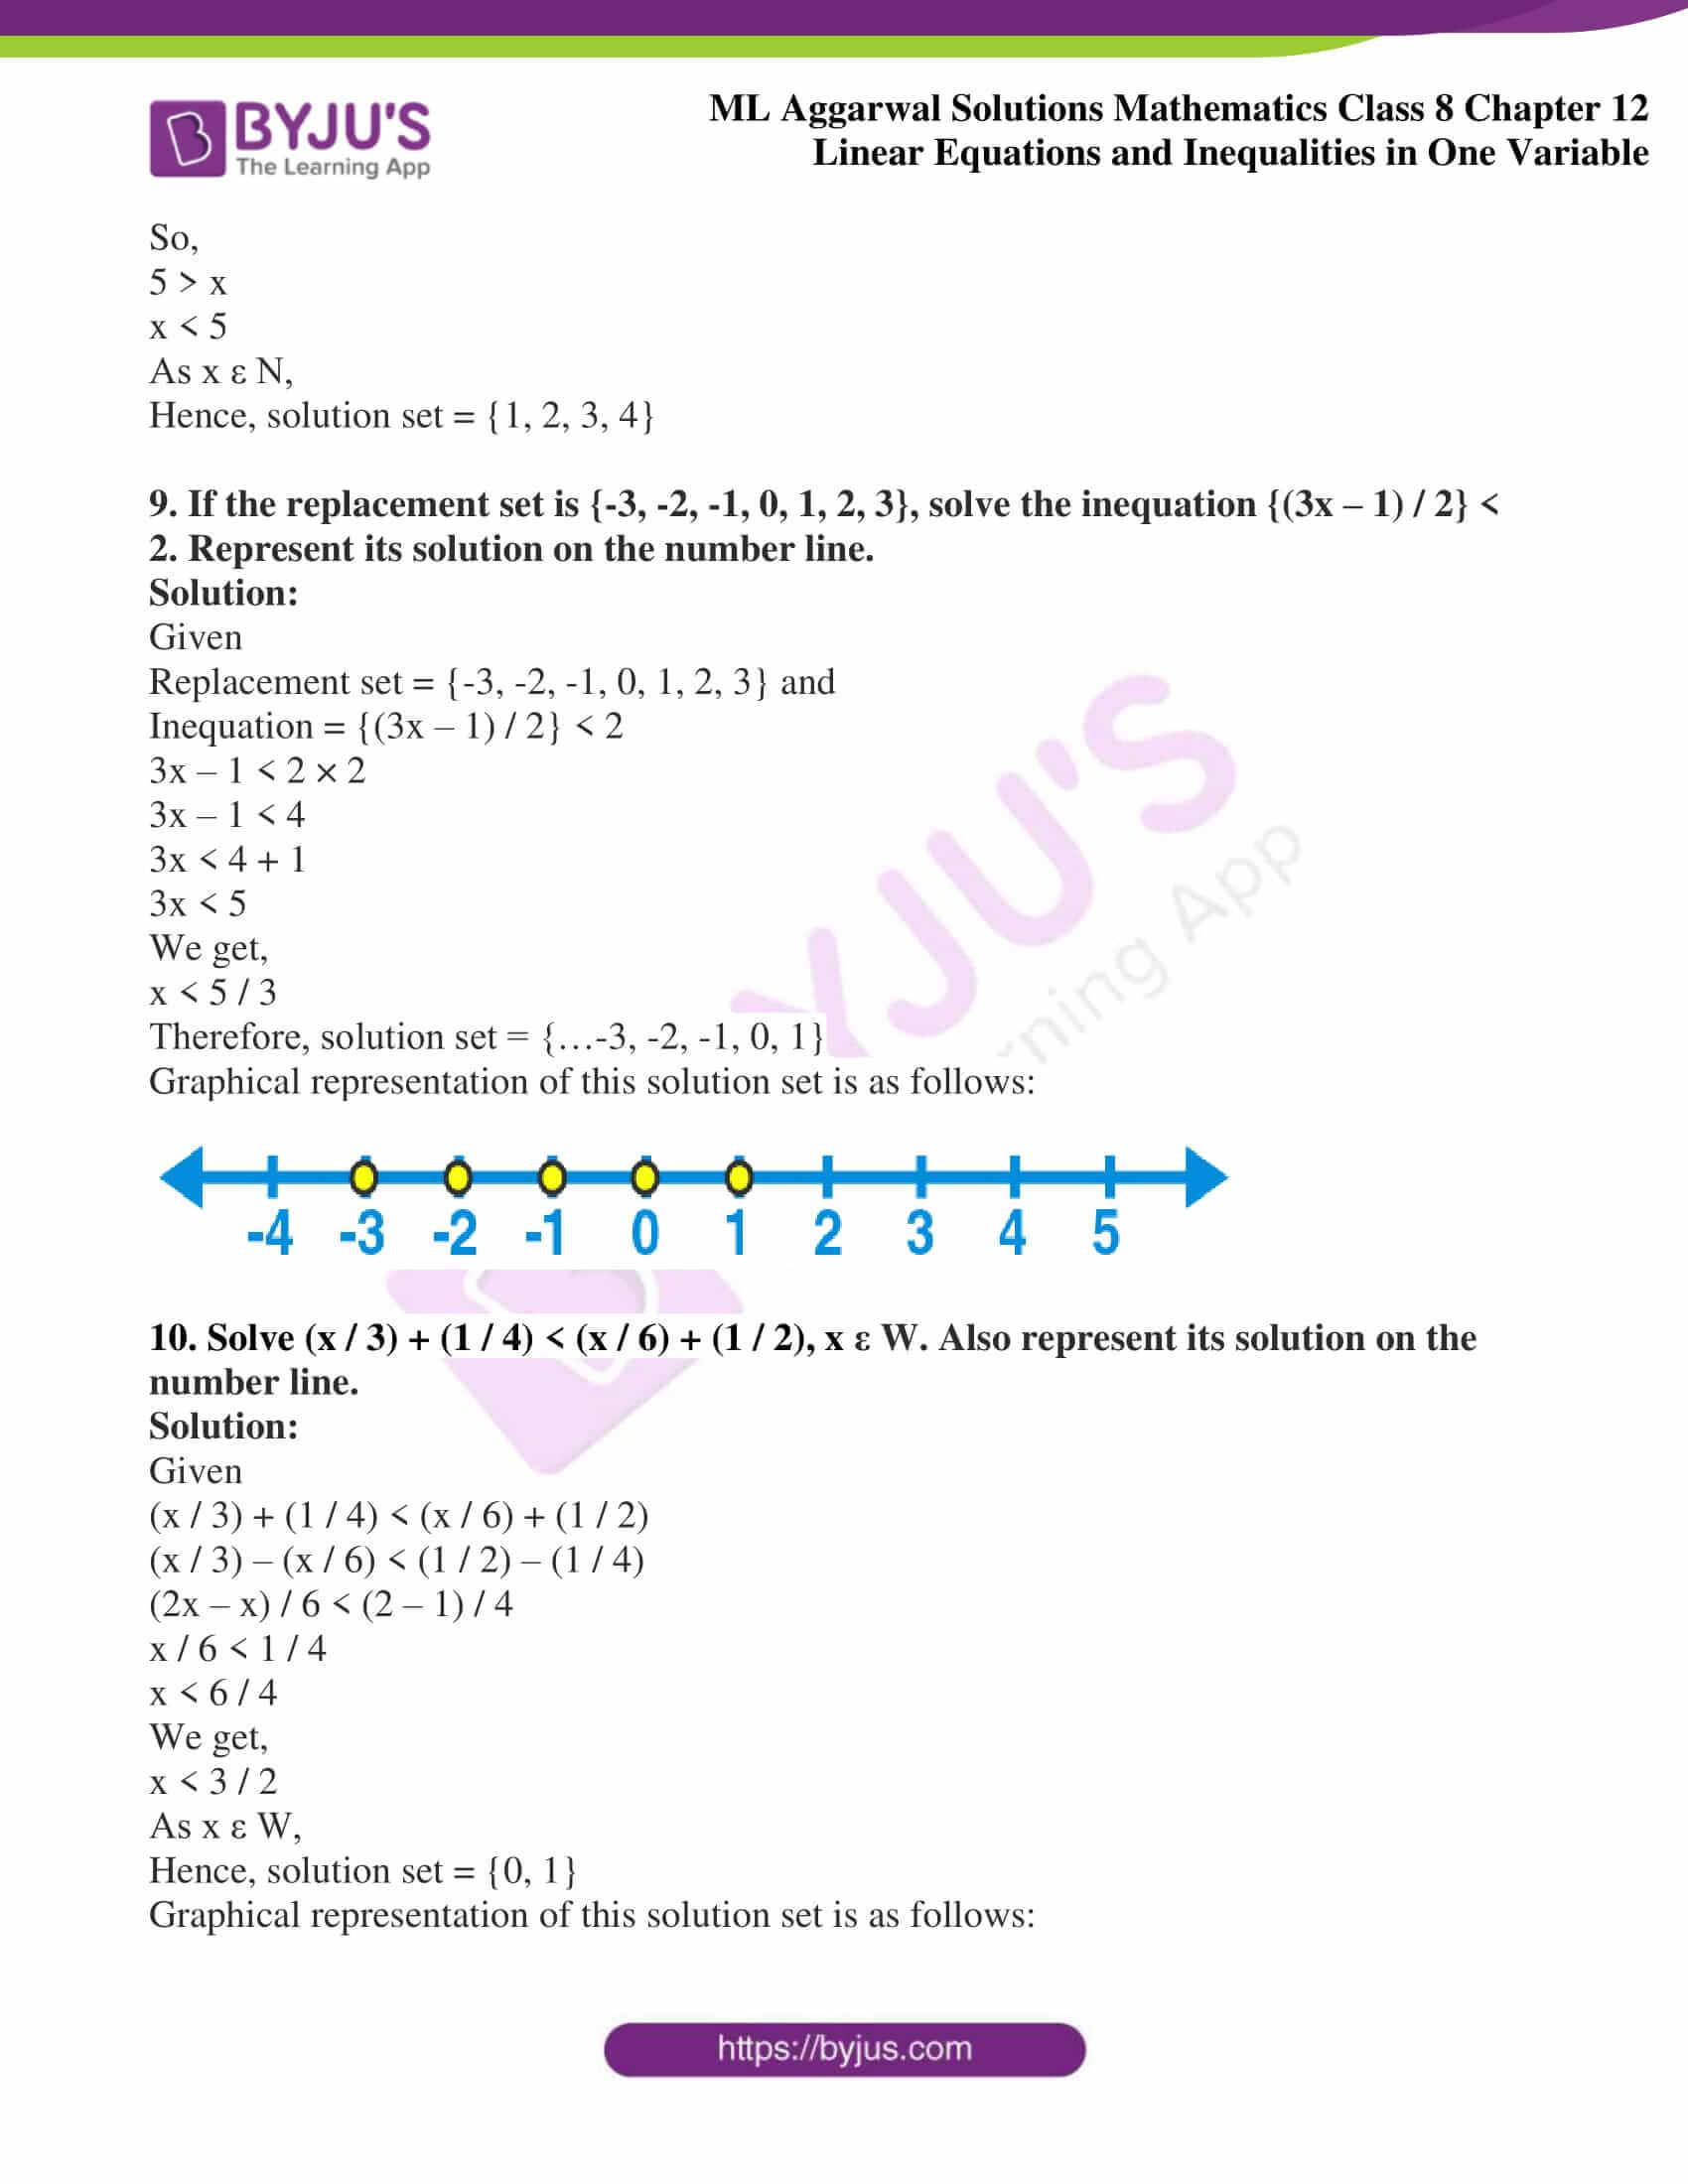 ml aggarwal sol mathematics class 8 ch 12 33